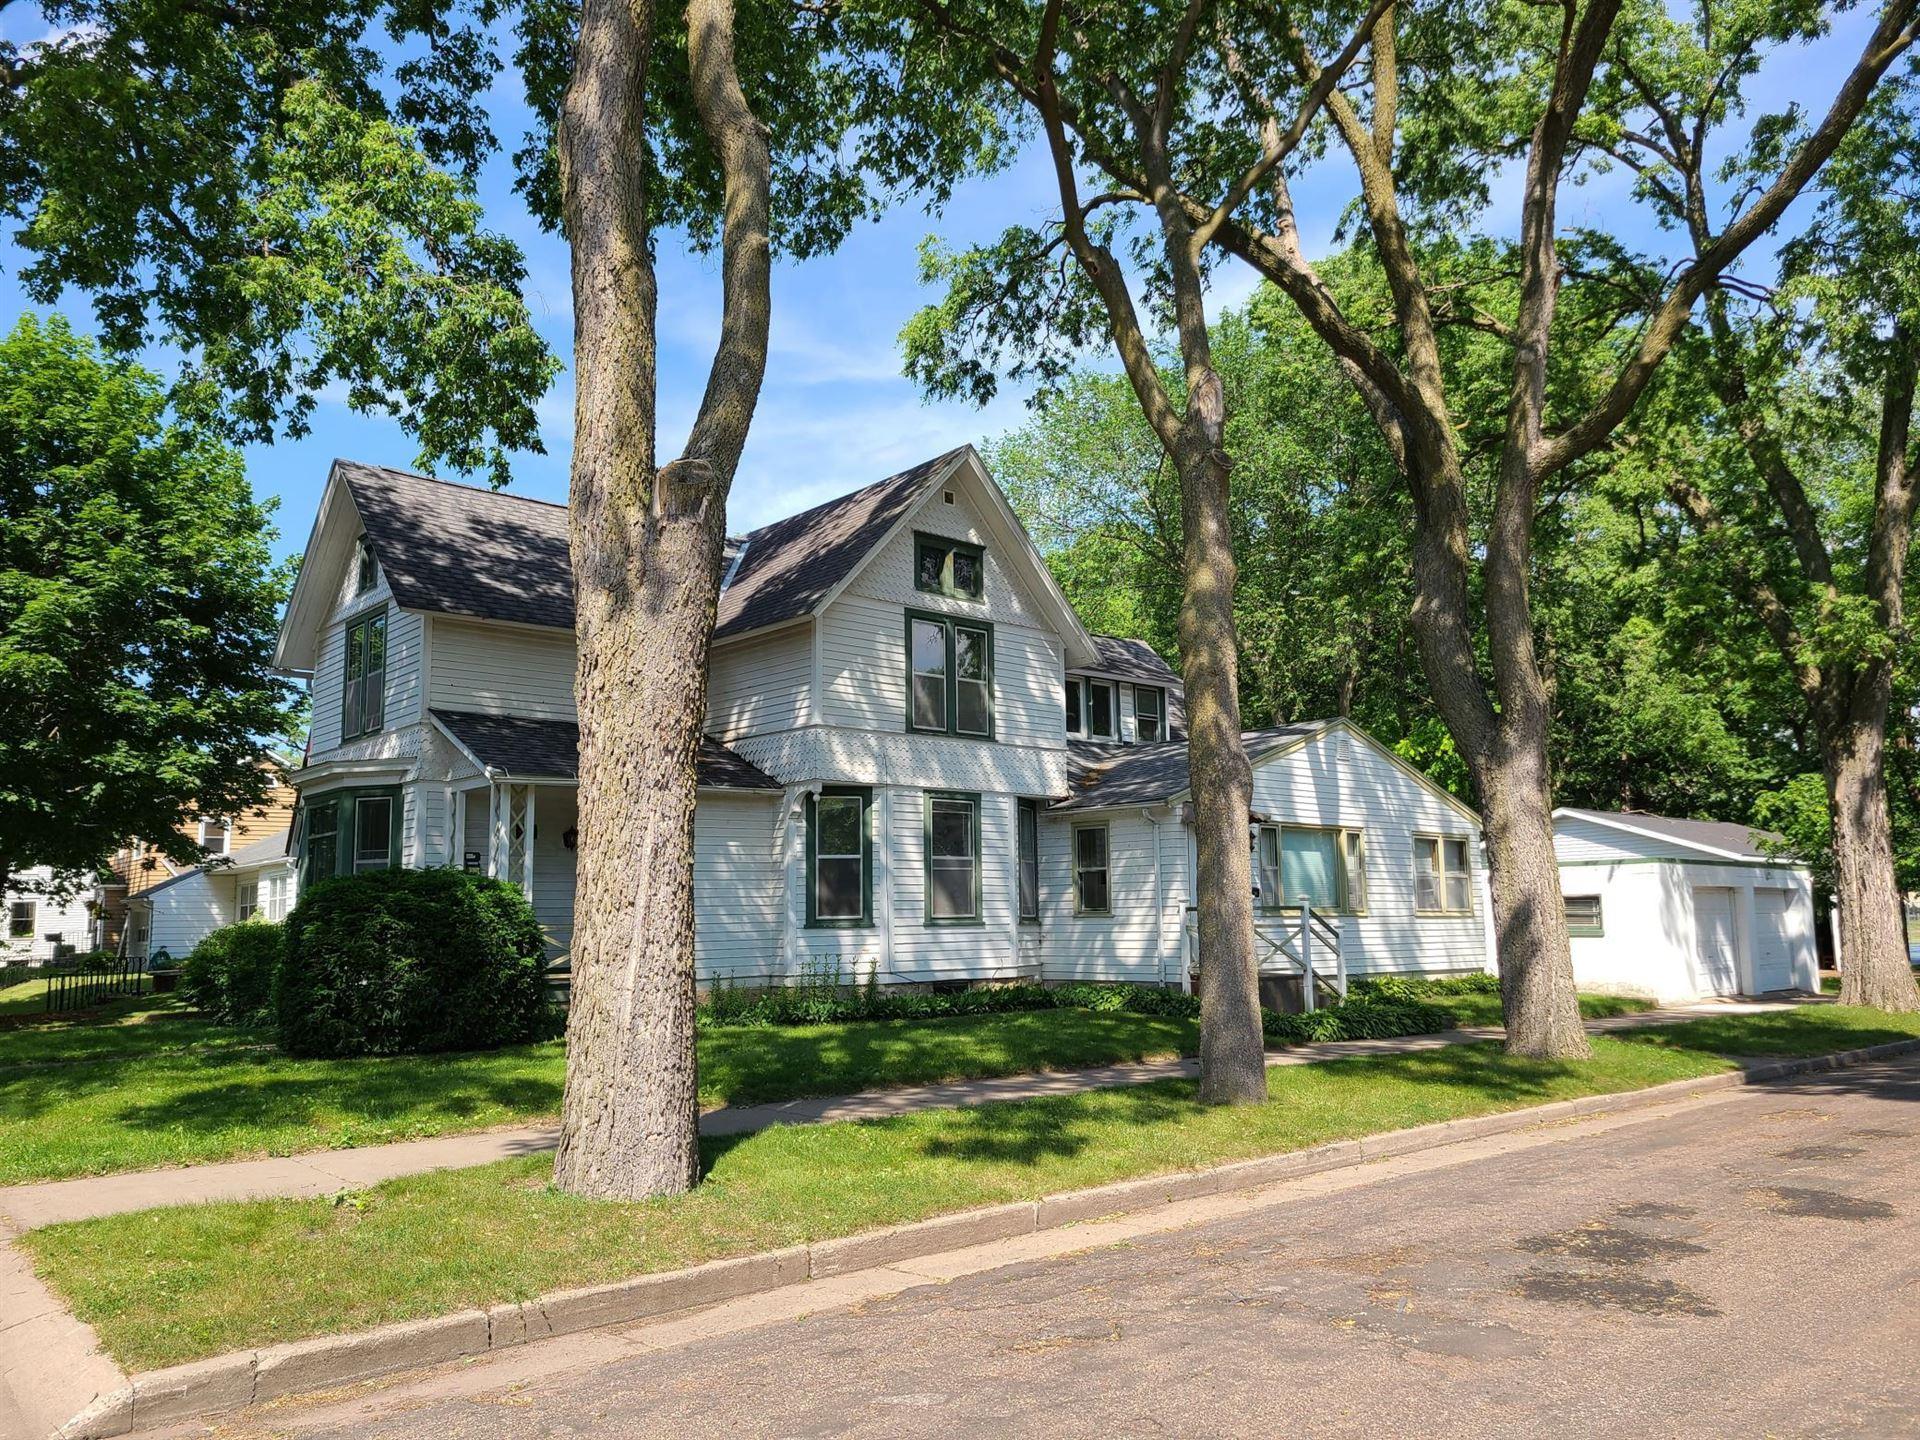 72 W Mill Street, Winona, MN 55987 - MLS#: 6002526